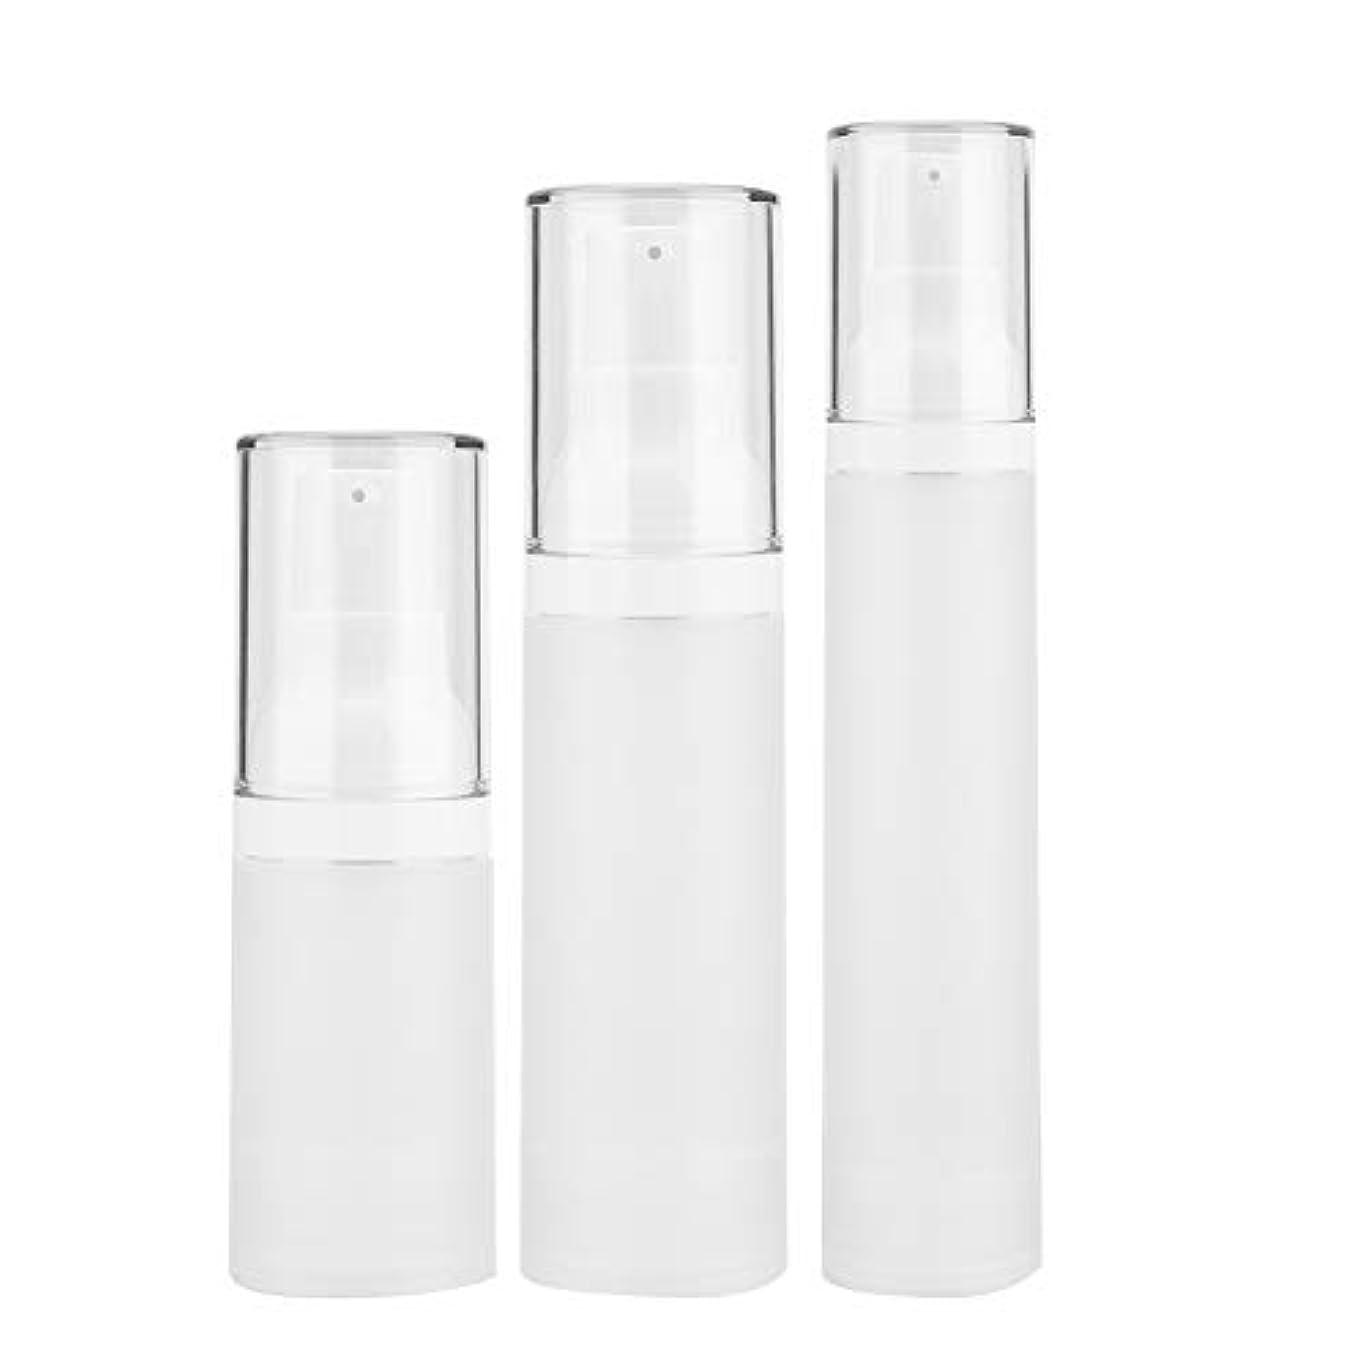 あなたは一人で小数3本入りトラベルボトルセット - 化粧品旅行用容器、化粧品容器が空の化粧品容器付きペットボトル - シャンプーとスプレー用(3 pcs)